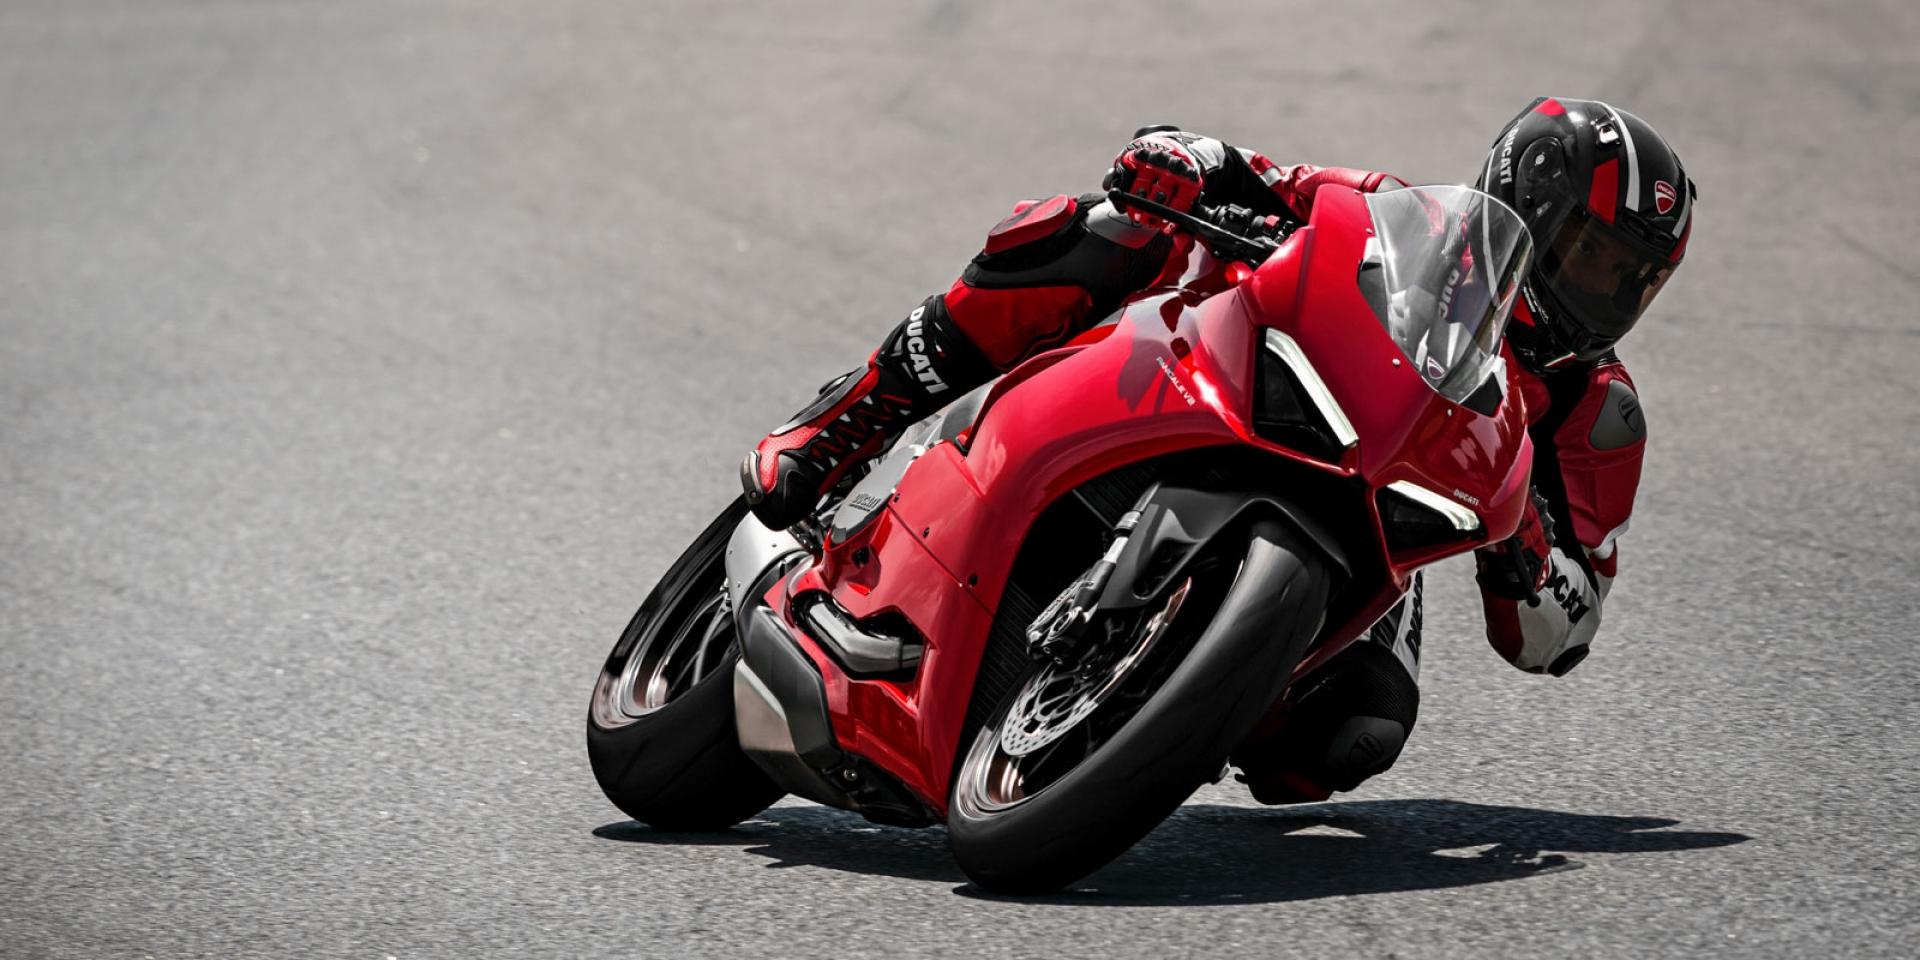 馬力更大更環保!Ducati Panigale V2發表